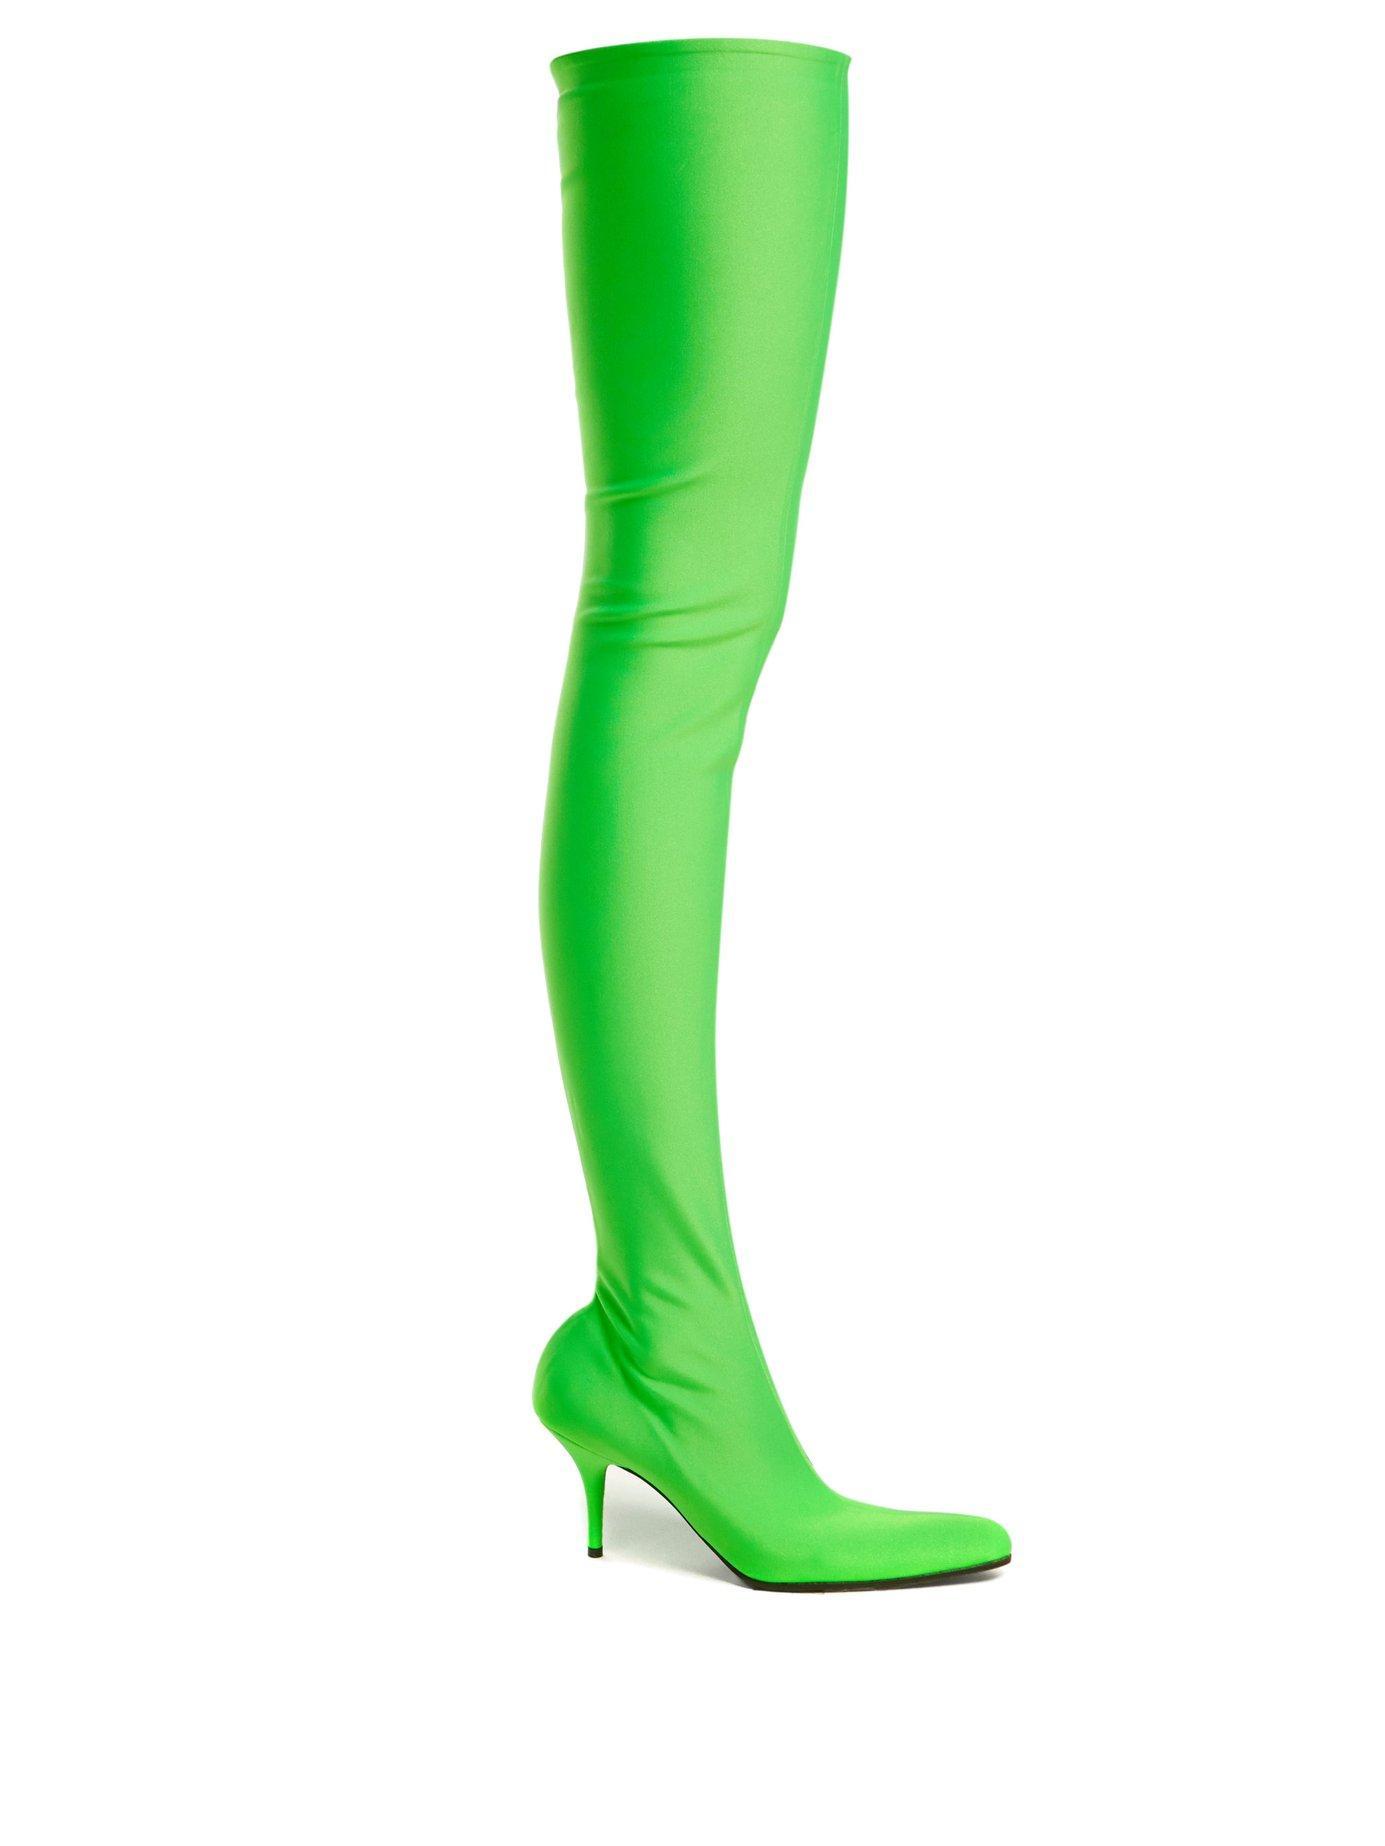 2c88a2dcf Balenciaga - Over The Knee Sock Boots - Womens - Green | ModeSens